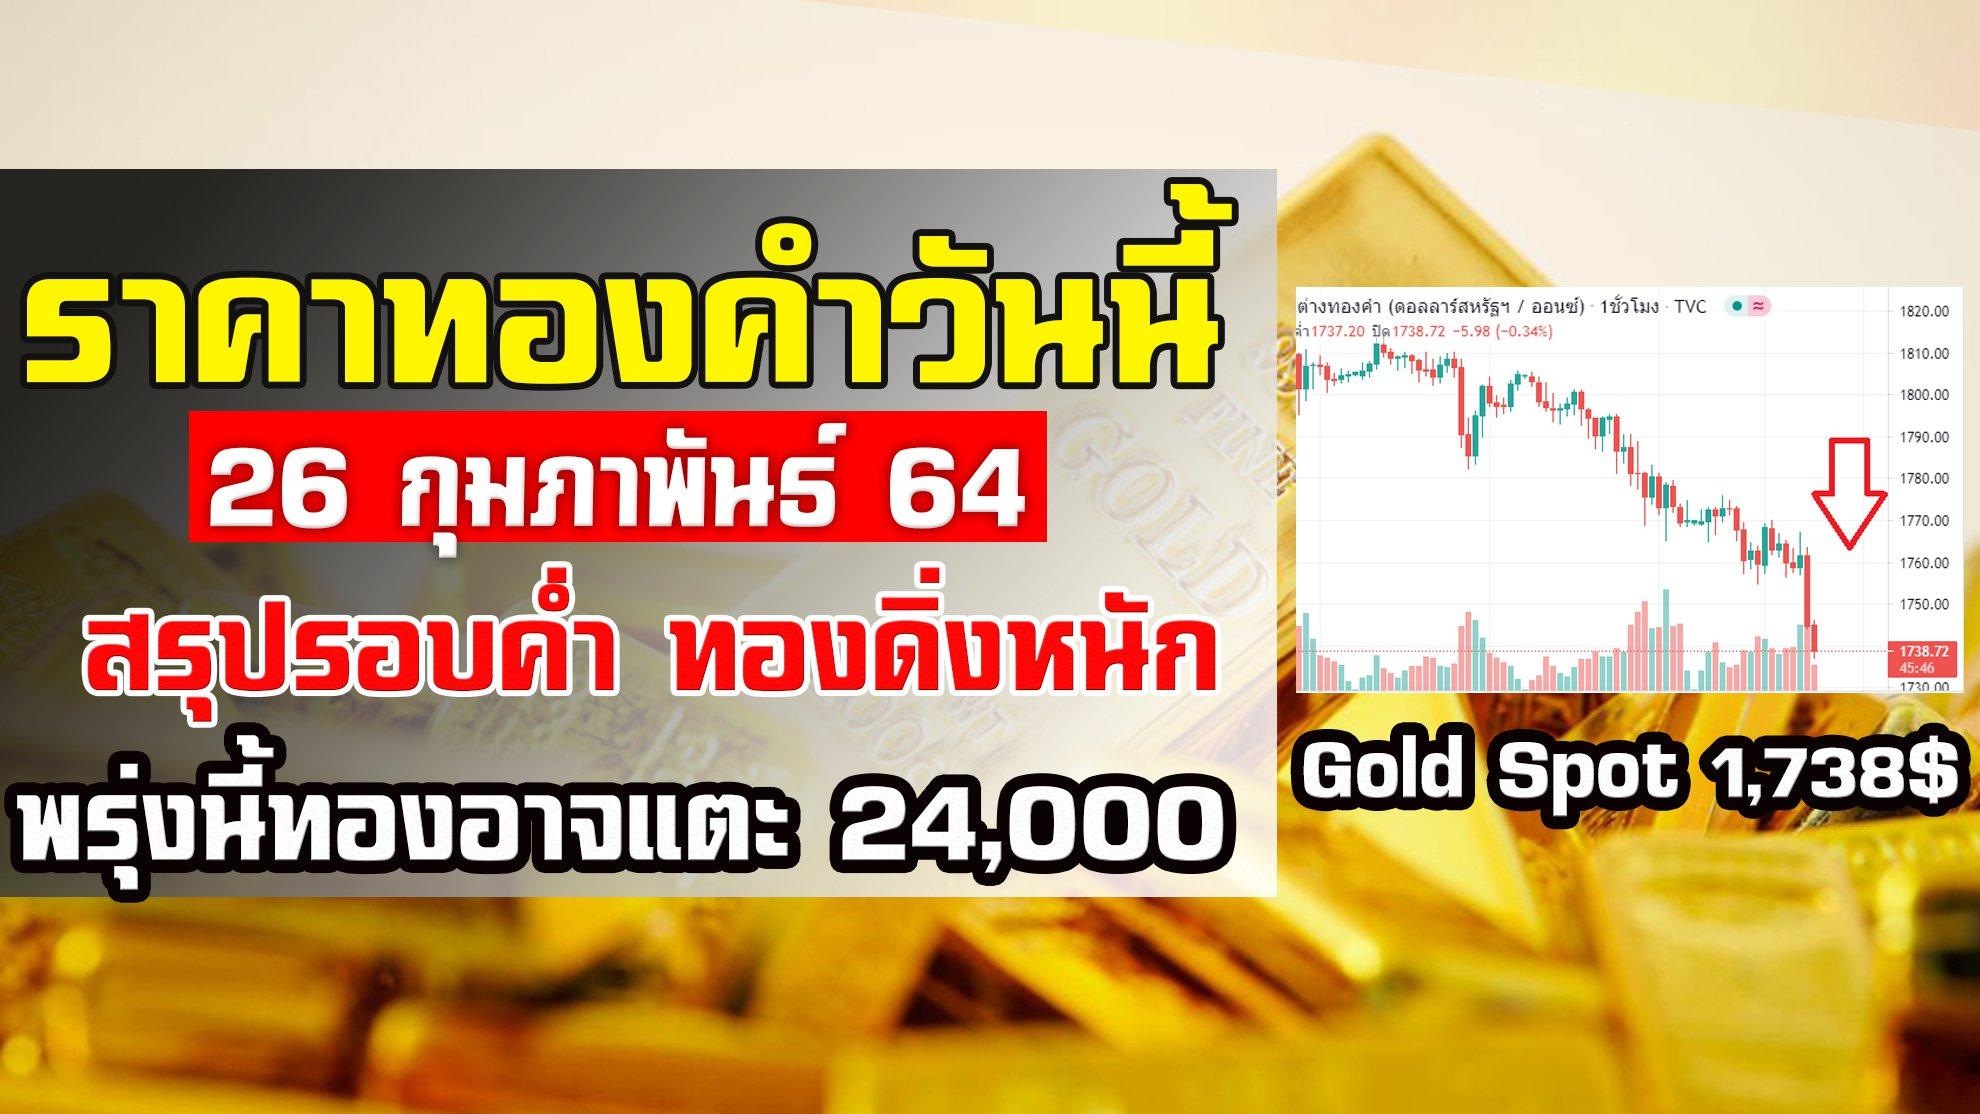 ราคาทองวันนี้ สรุปรอบค่ำ 26/2/64 ทองโลกร่วงหนักมาก สู่ระดับ 1738-1728เหรียญ แนวโน้มทองคำ 27กพ64